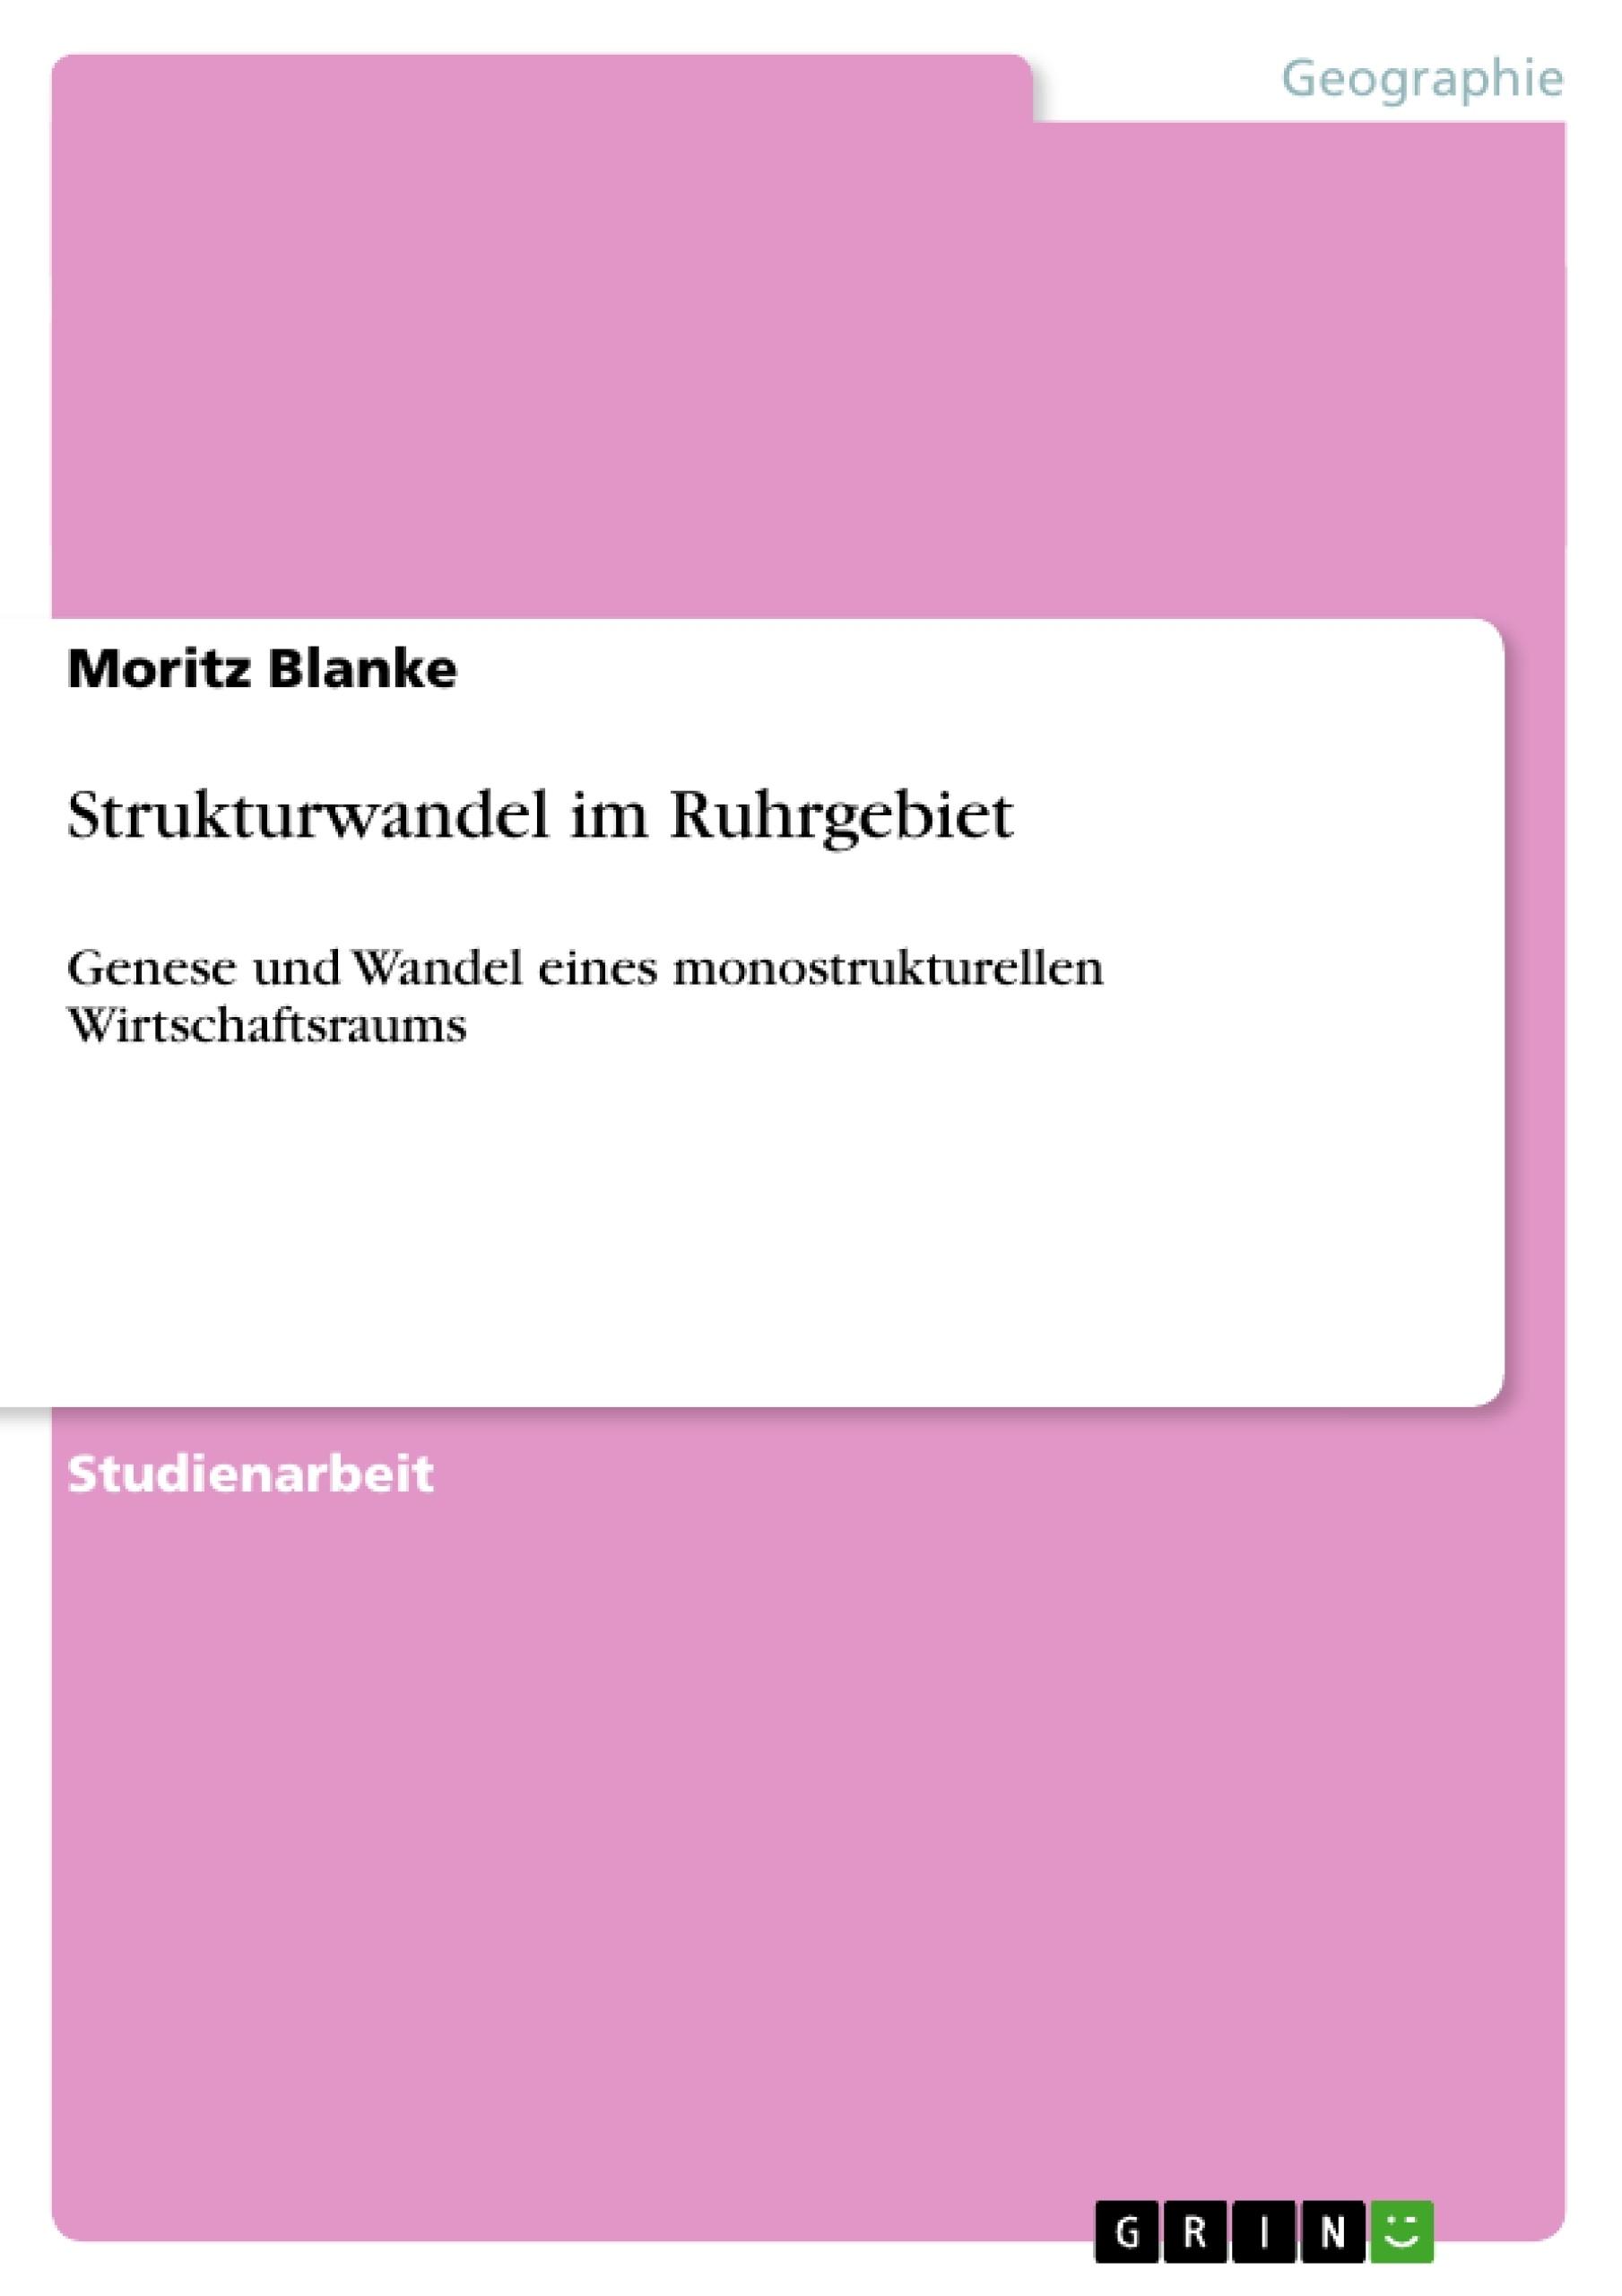 Titel: Strukturwandel im Ruhrgebiet